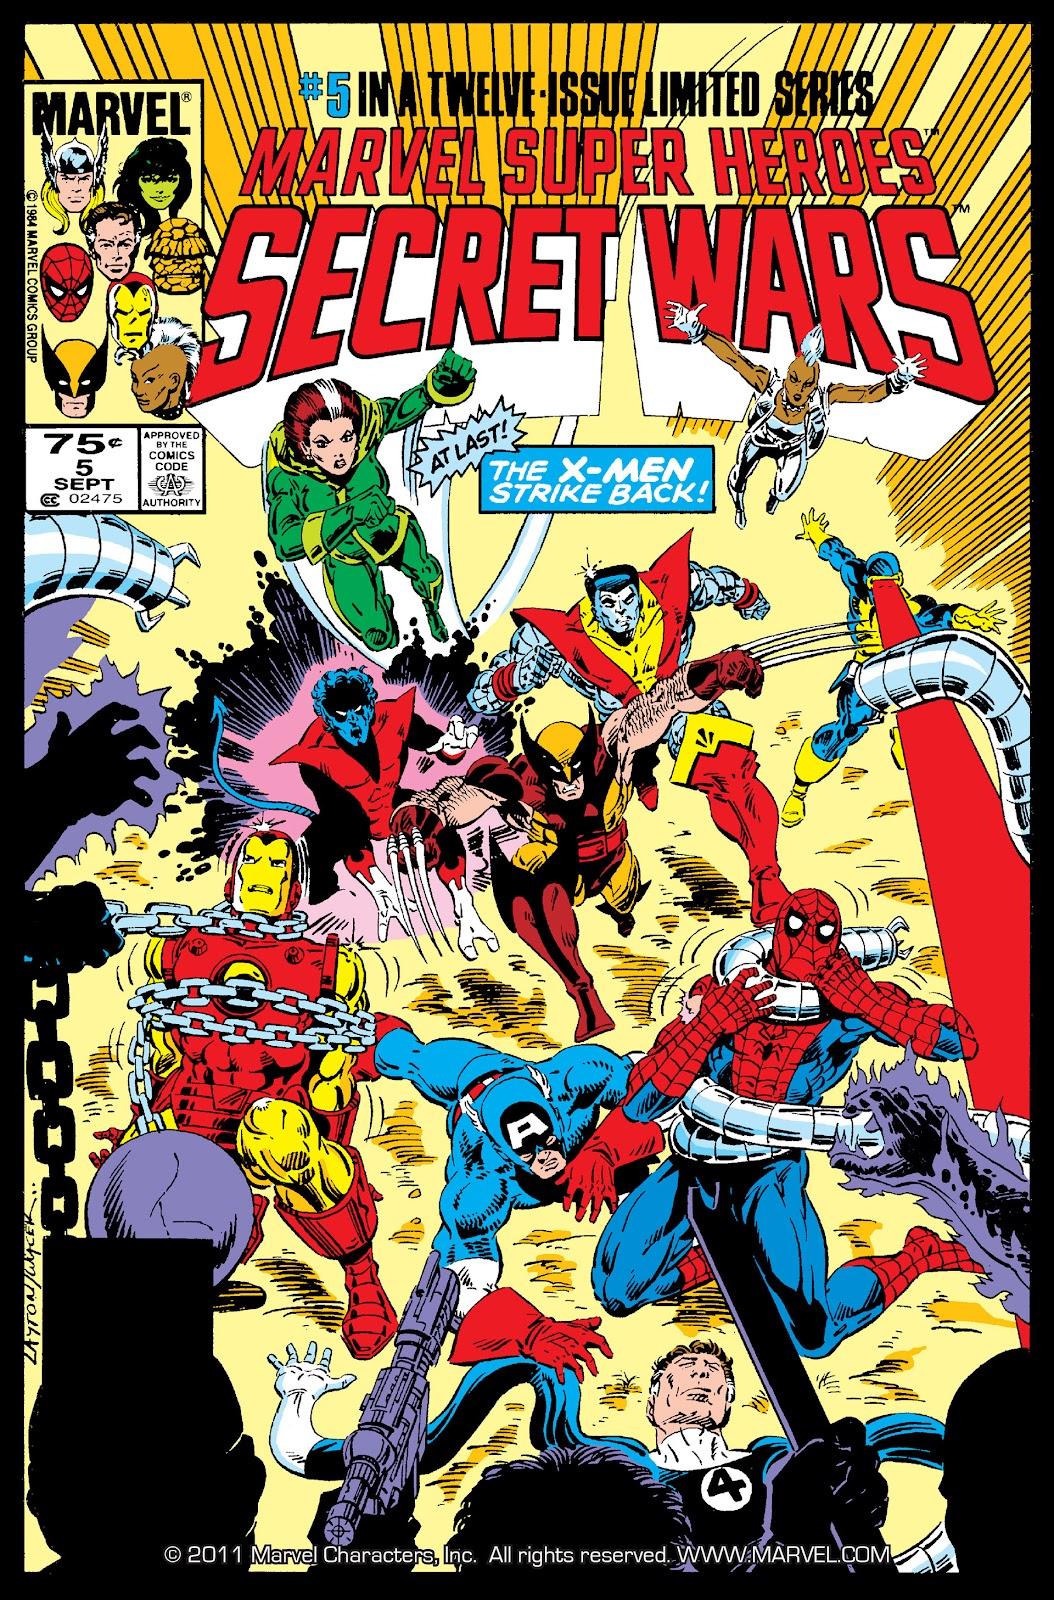 Marvel Super Heroes Secret Wars (1984) 5 Page 1